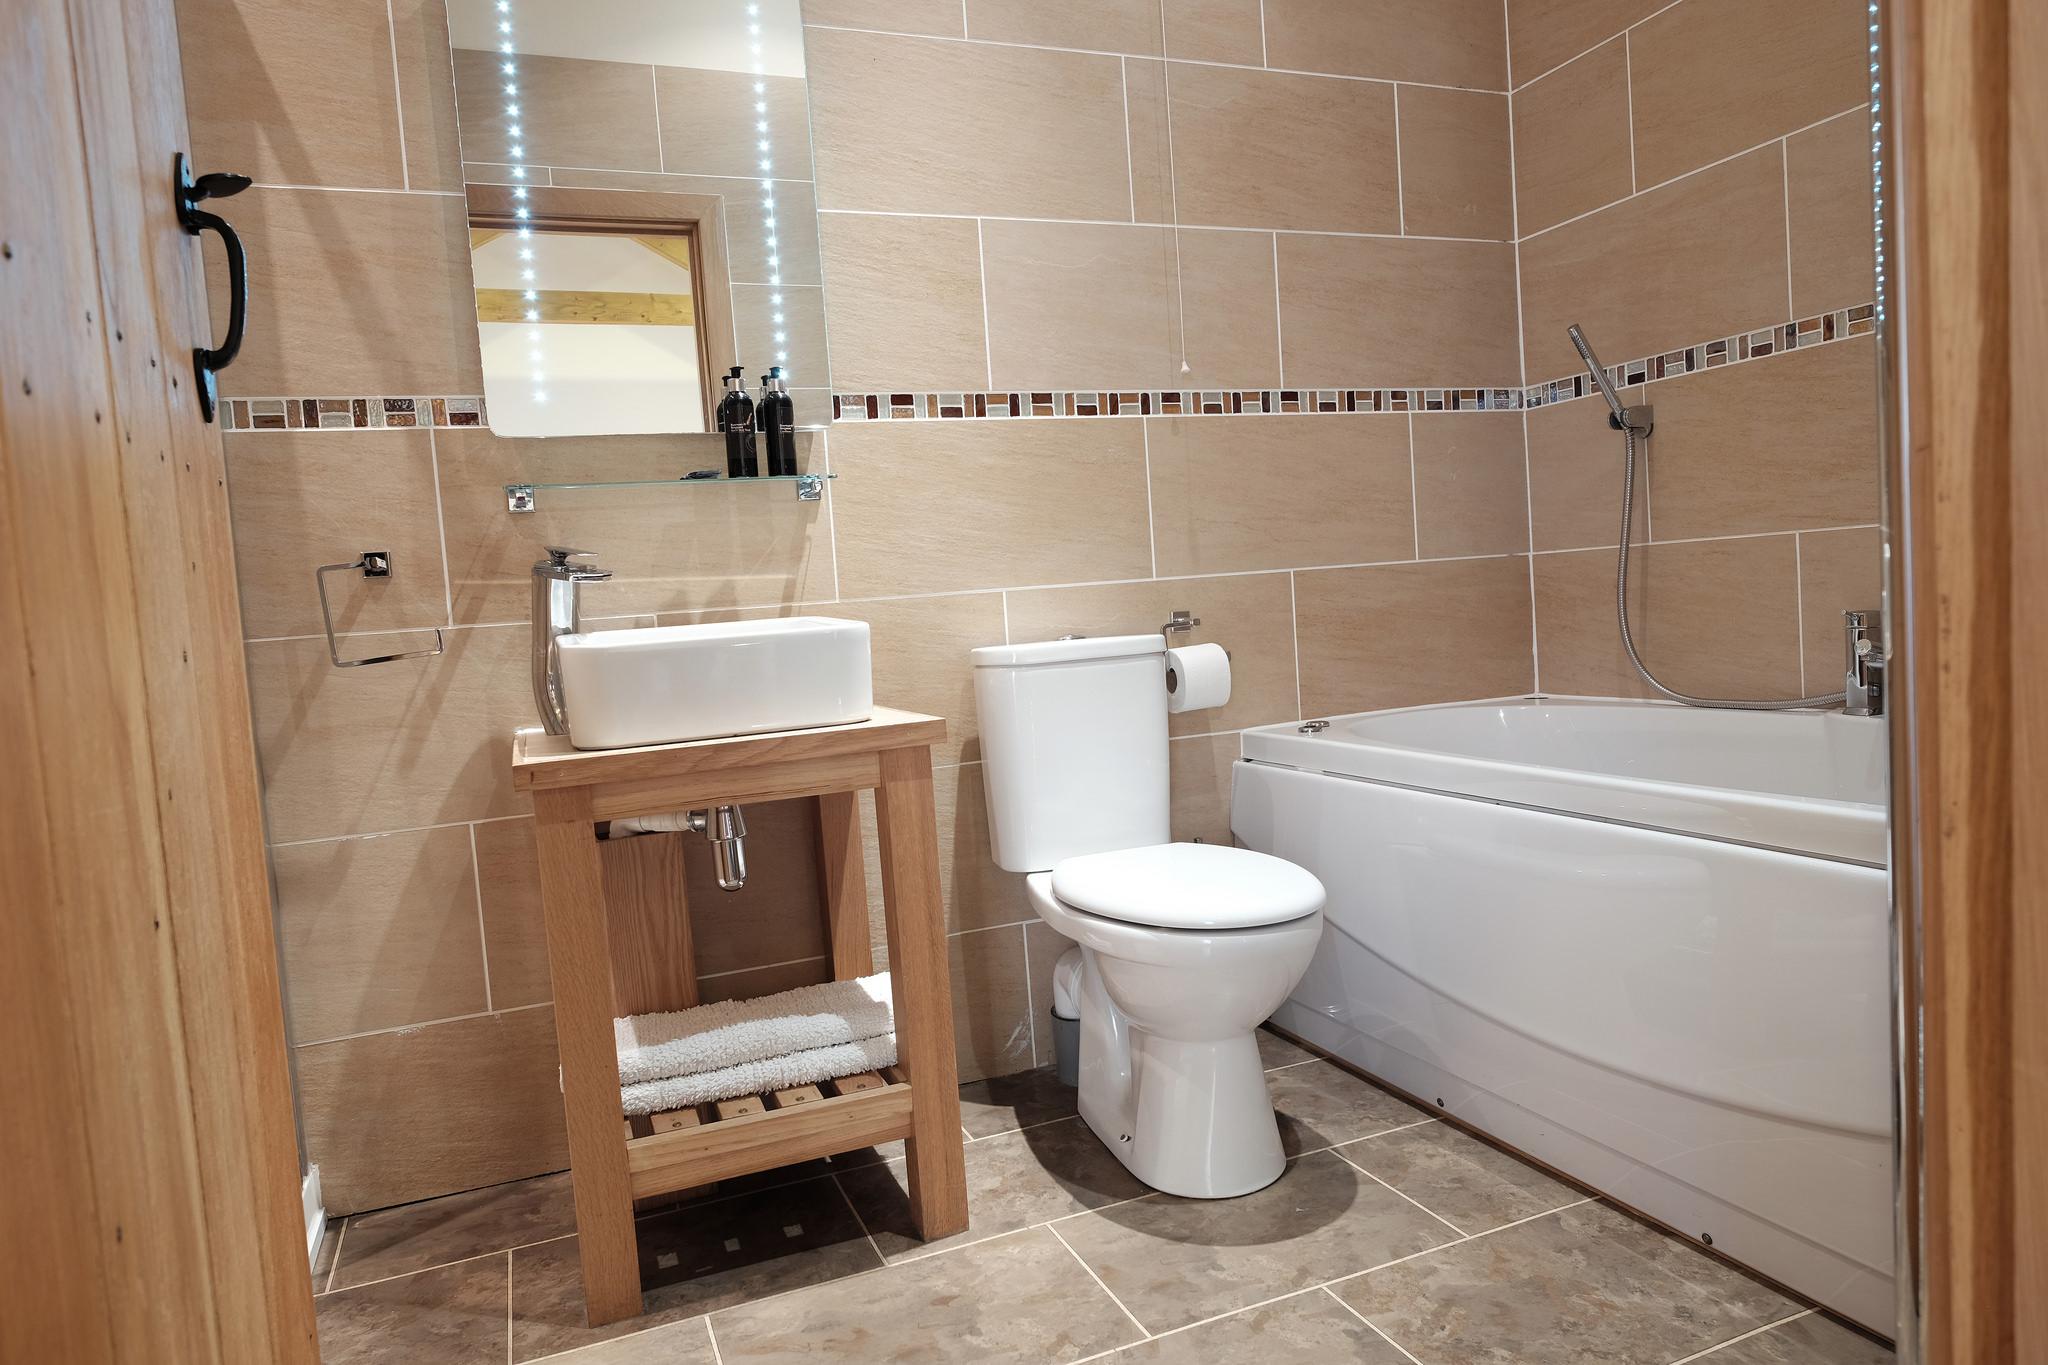 Wenna's Well luxury bathroom